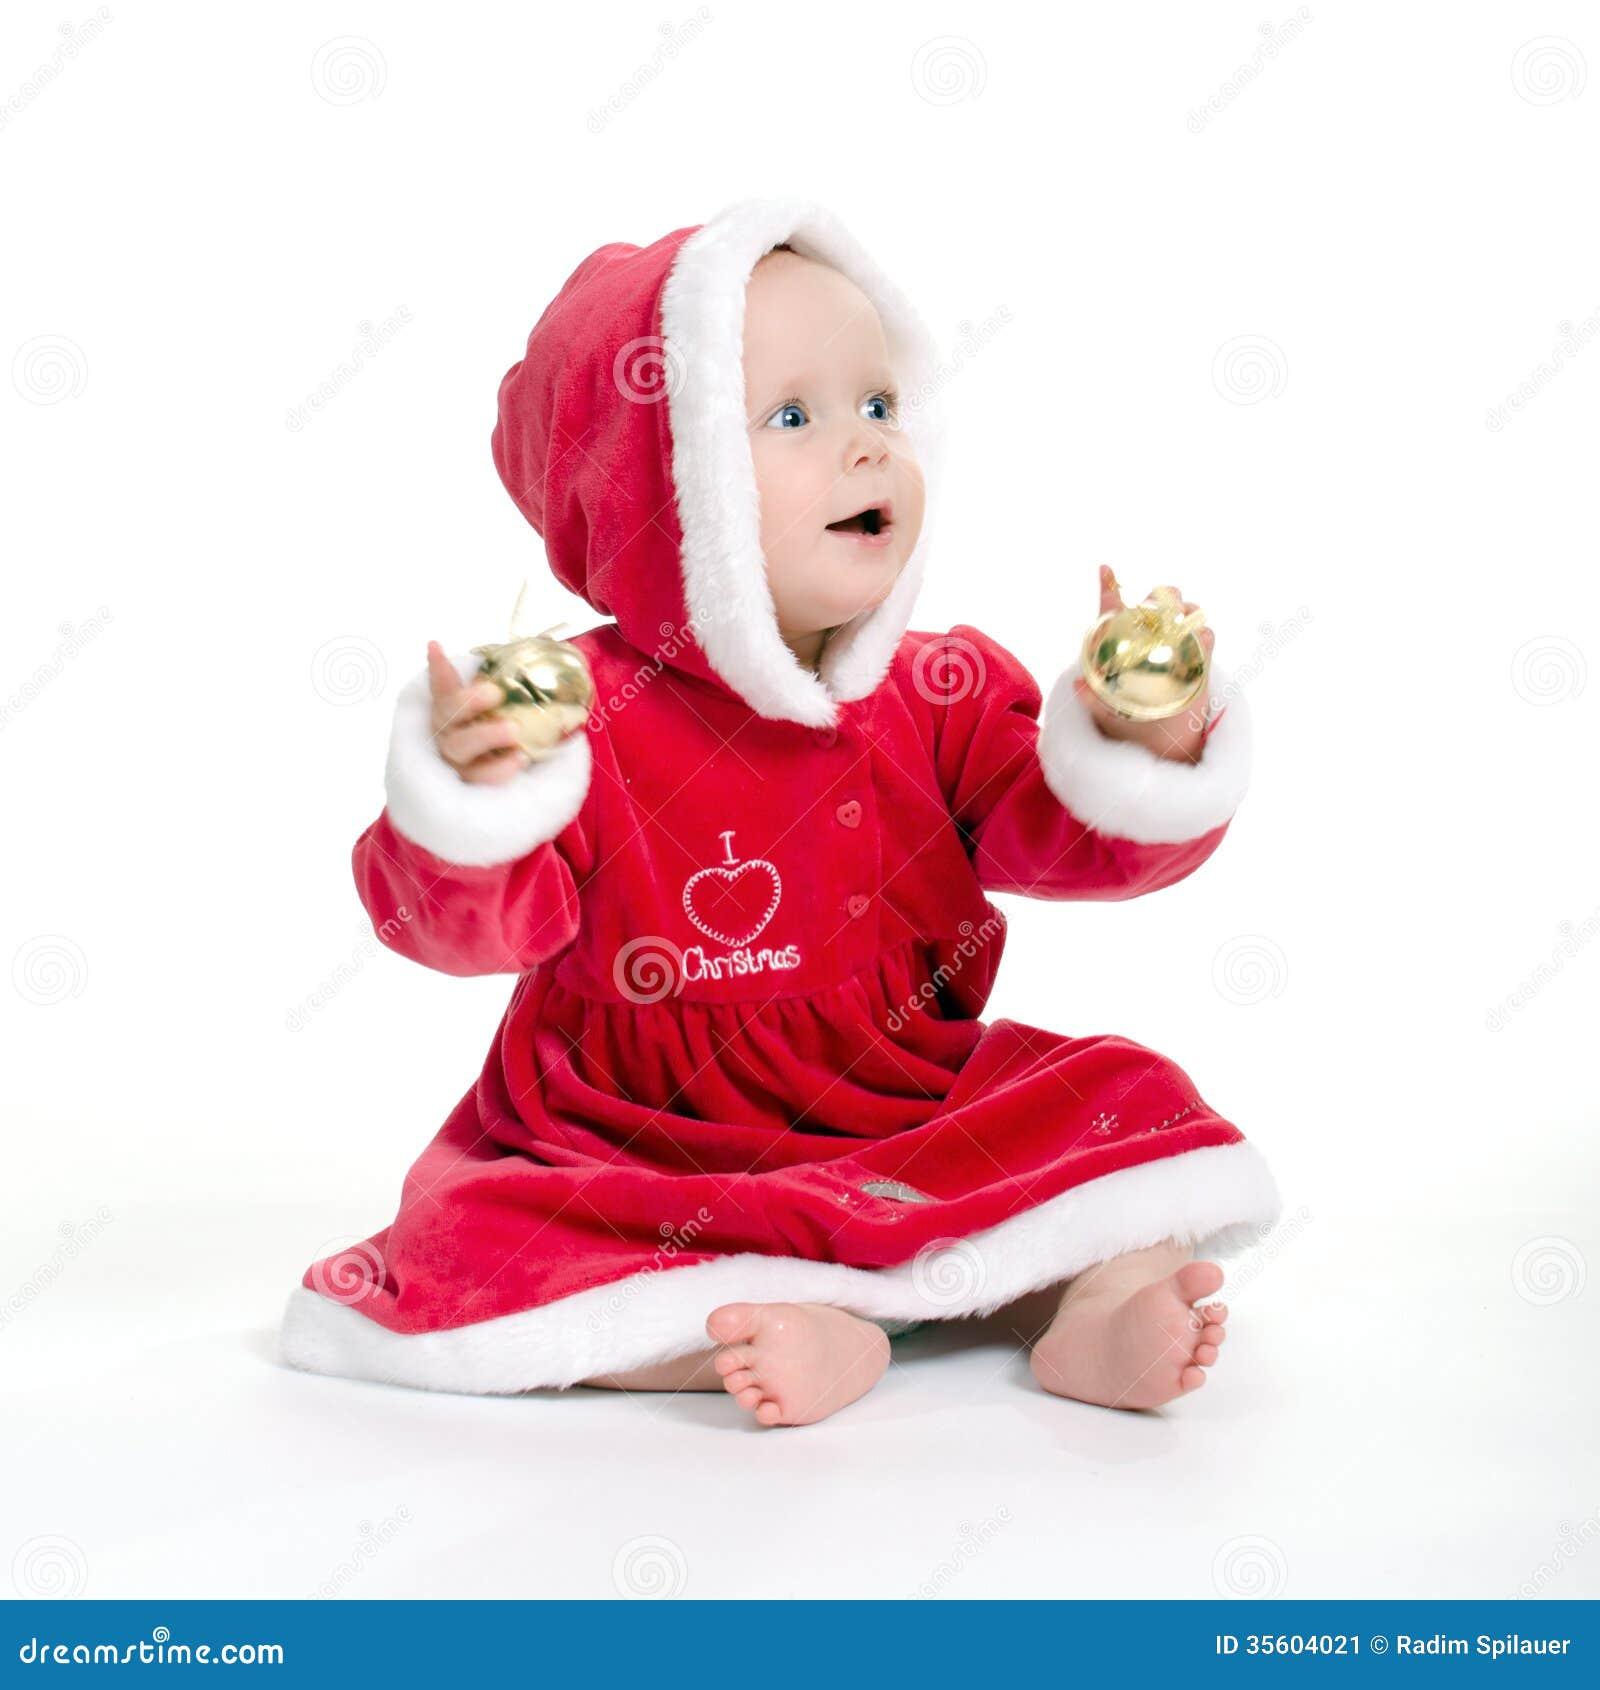 Christmas dress for baby - Baby Christmas Costume Dress